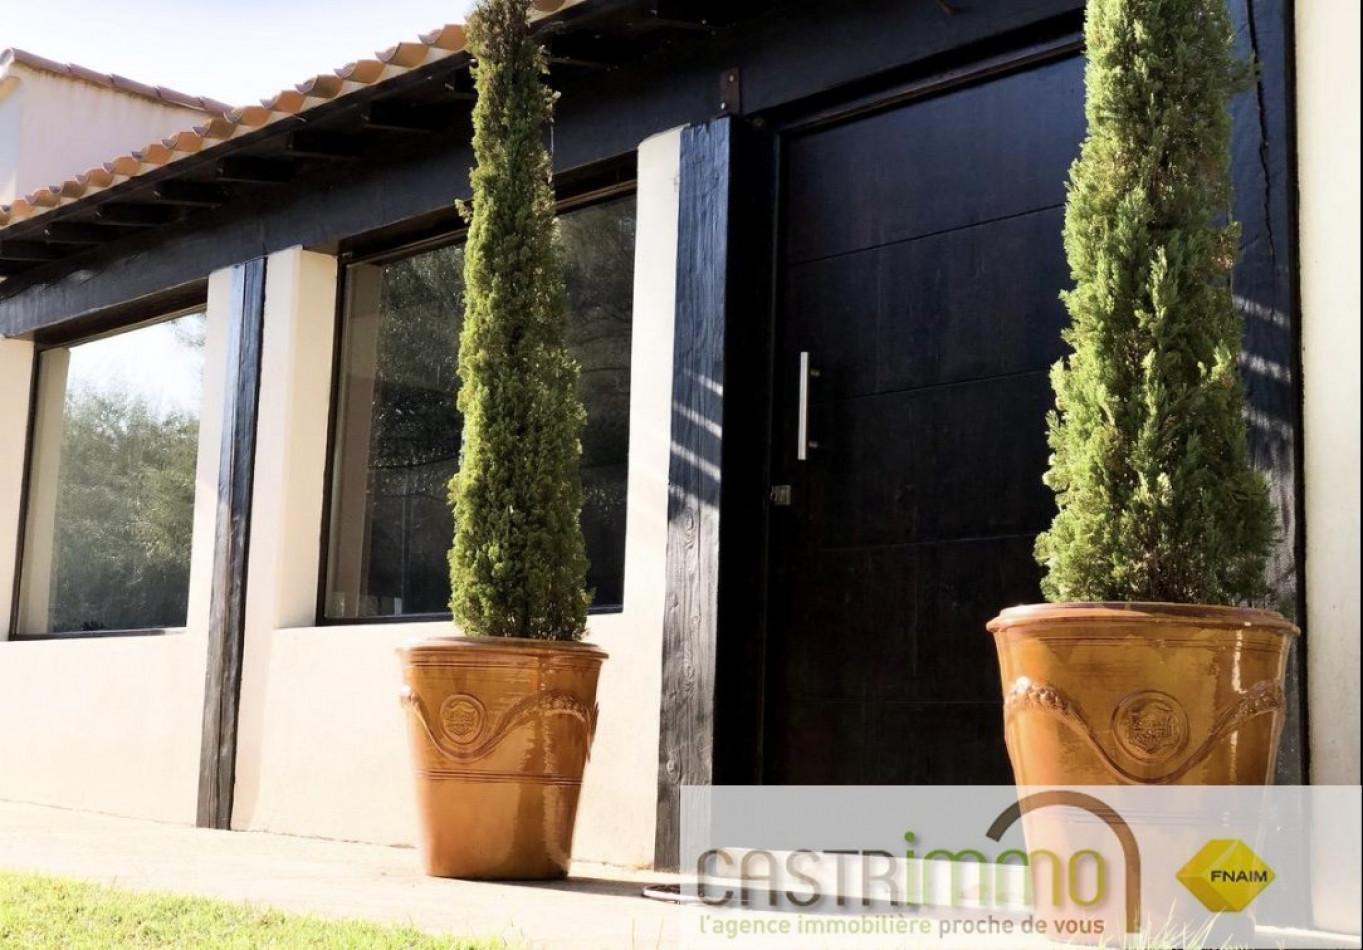 A vendre Saintes Maries De La Mer 34586158 Castrimmo